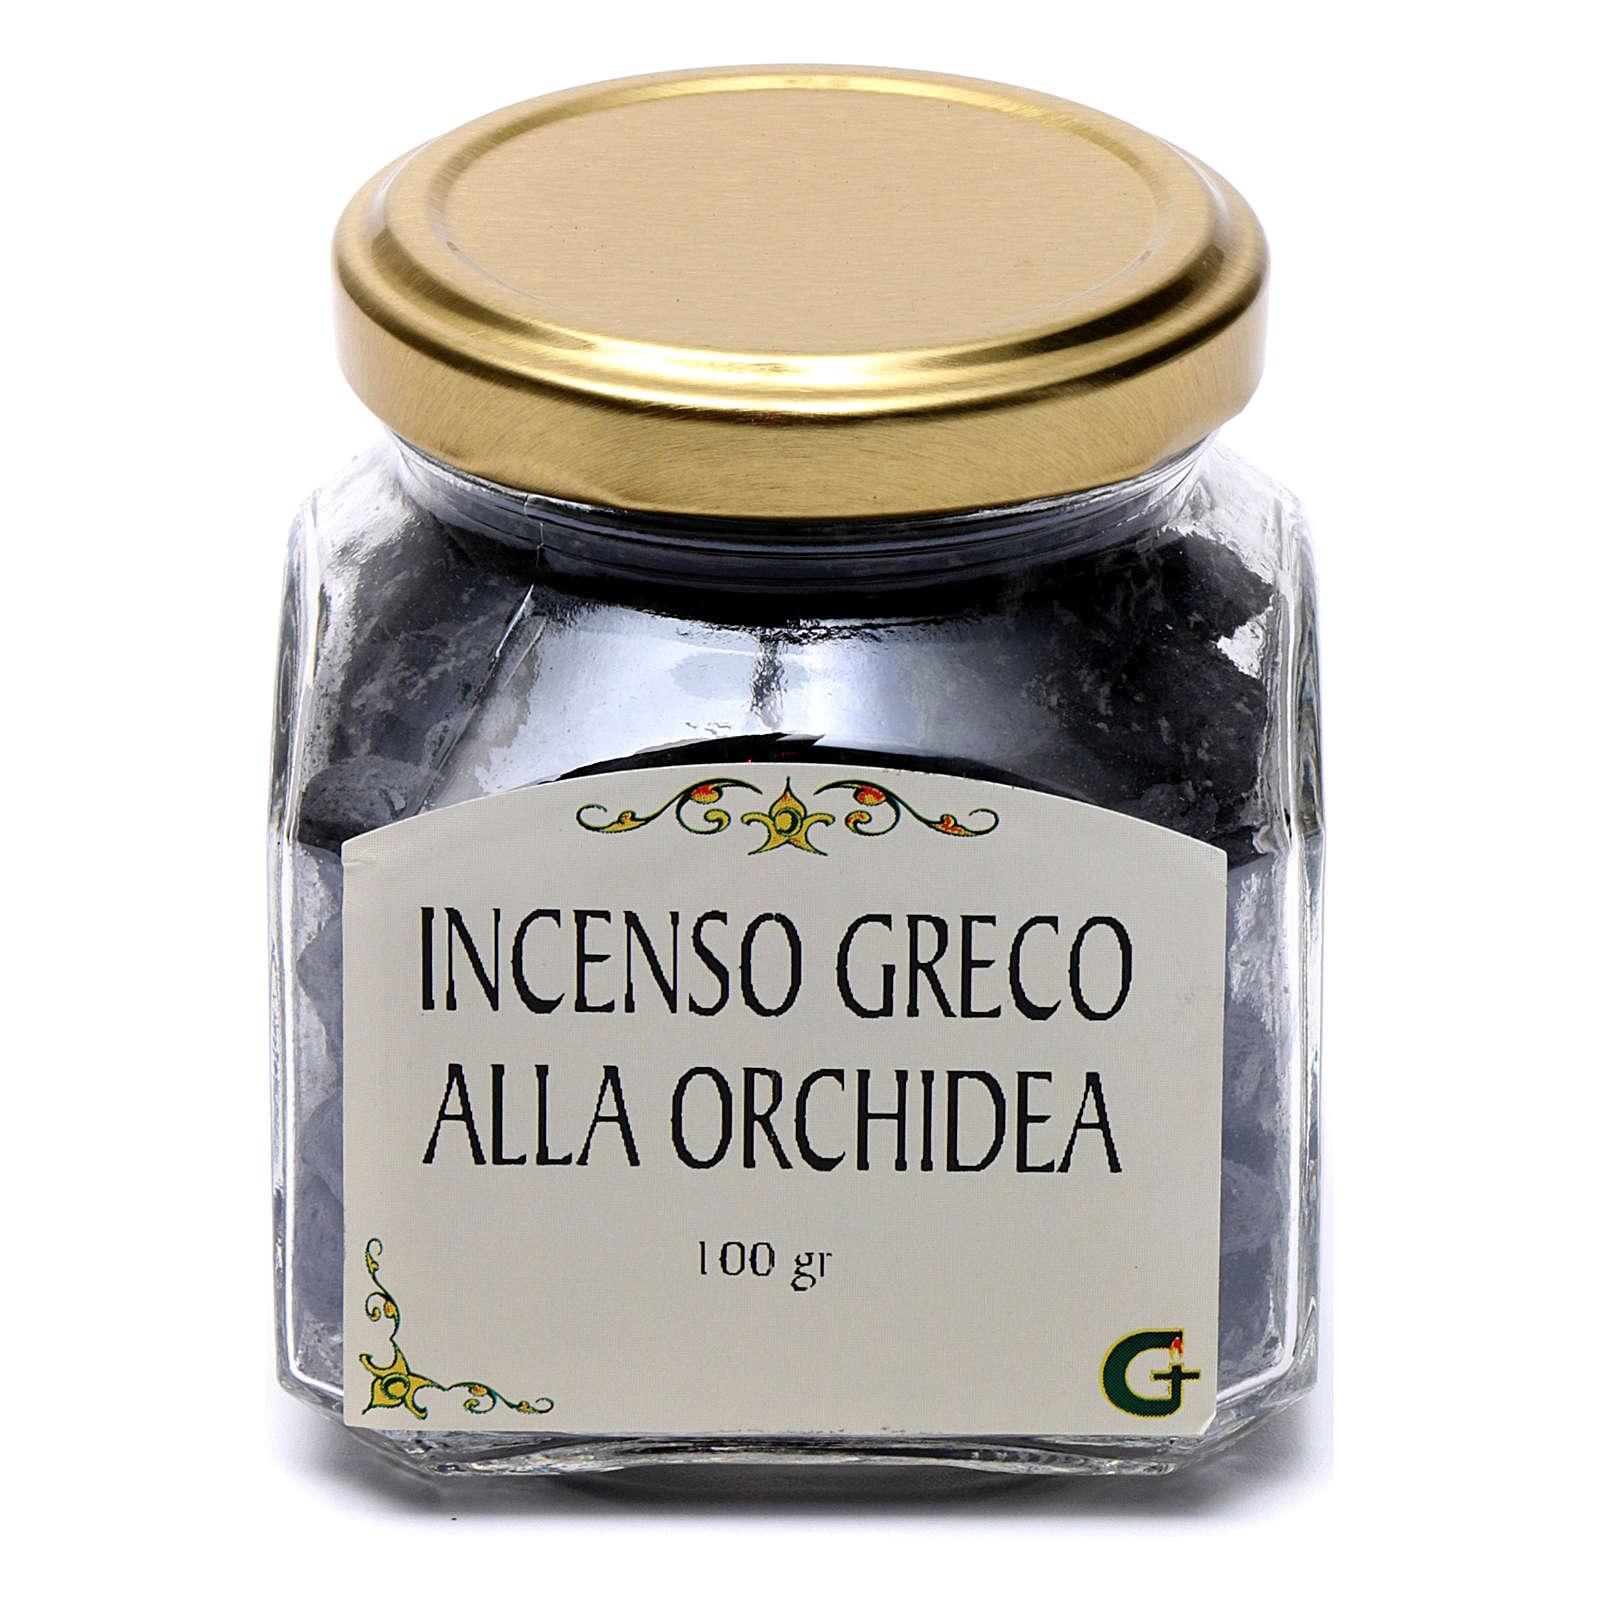 Encens grec à l'orchidée 100 gr Mont Athos 3